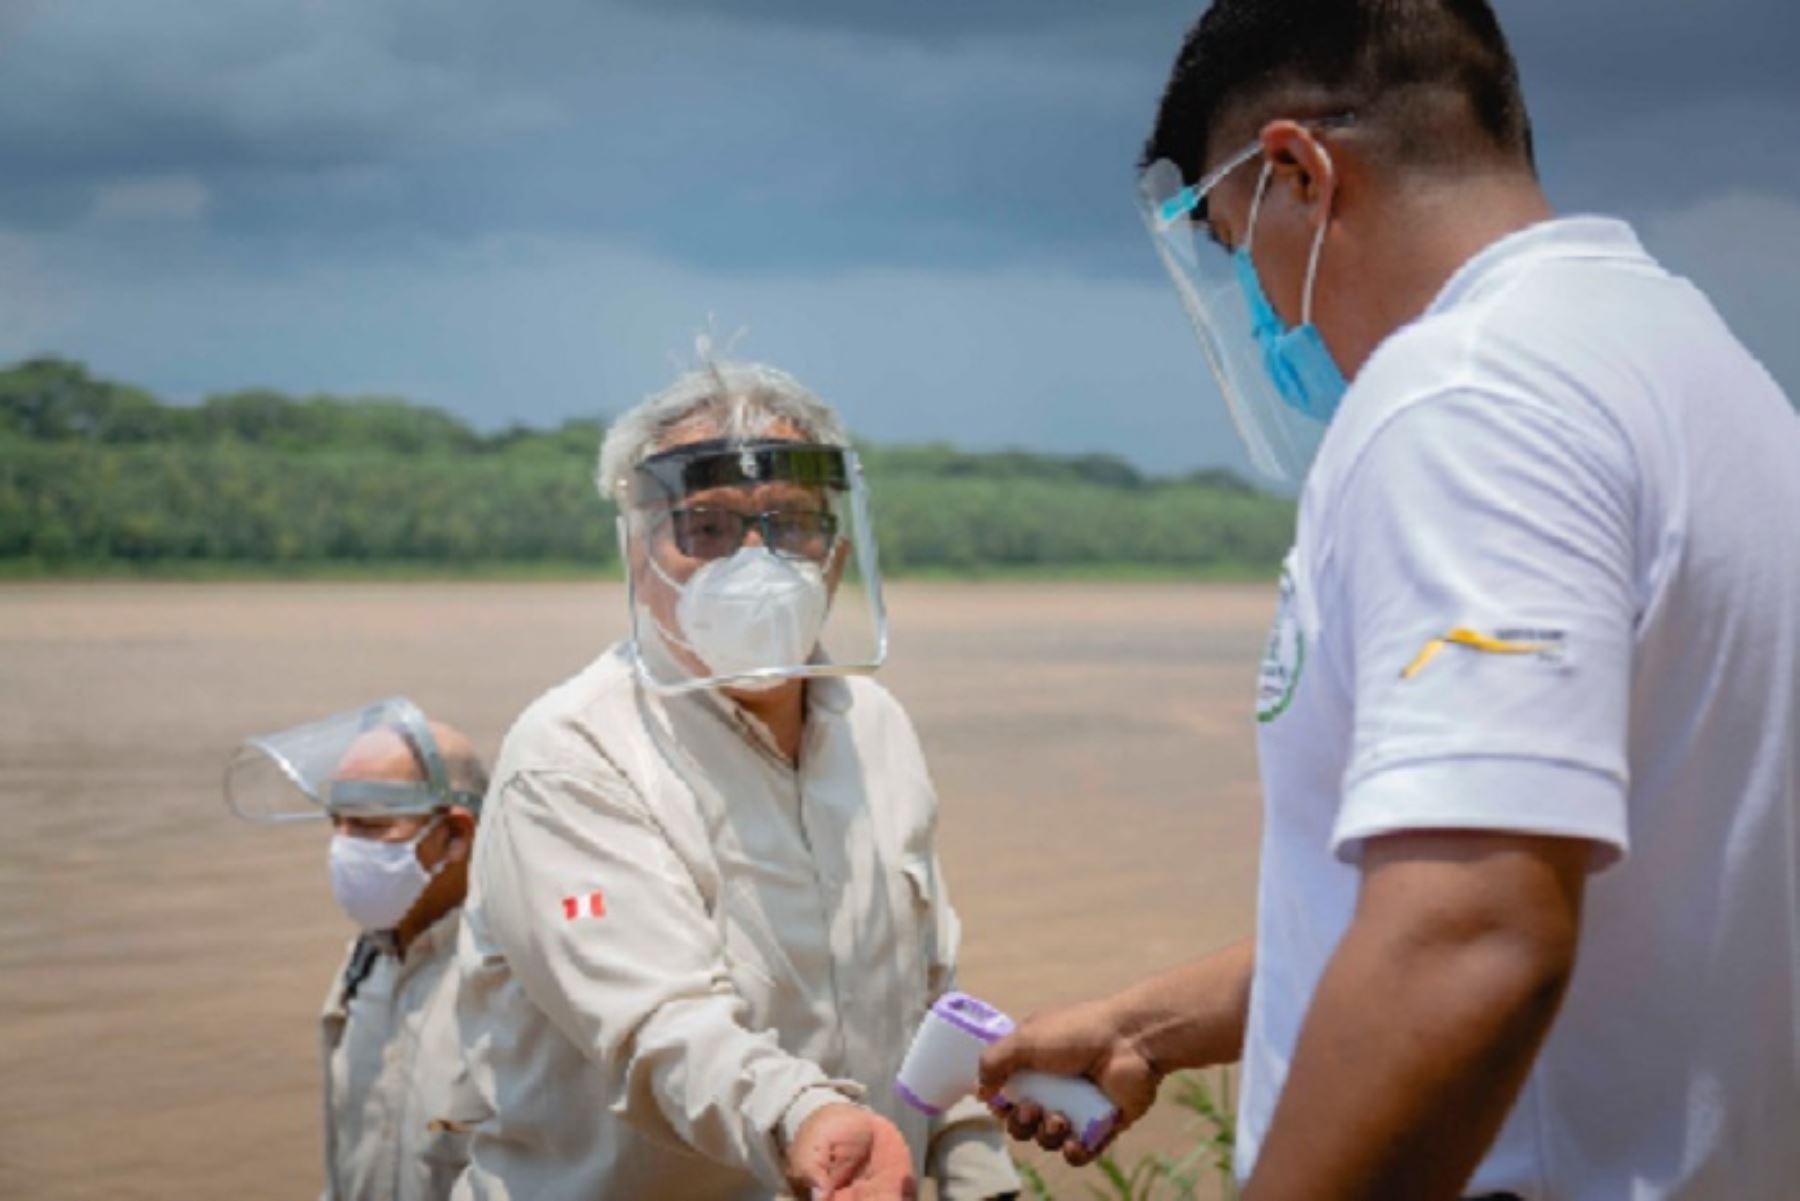 El Sernanp Invoca a los visitantes a cumplir con los protocolos de bioseguridad y respetar los controles de salud y procesos de desinfección dispuestos.